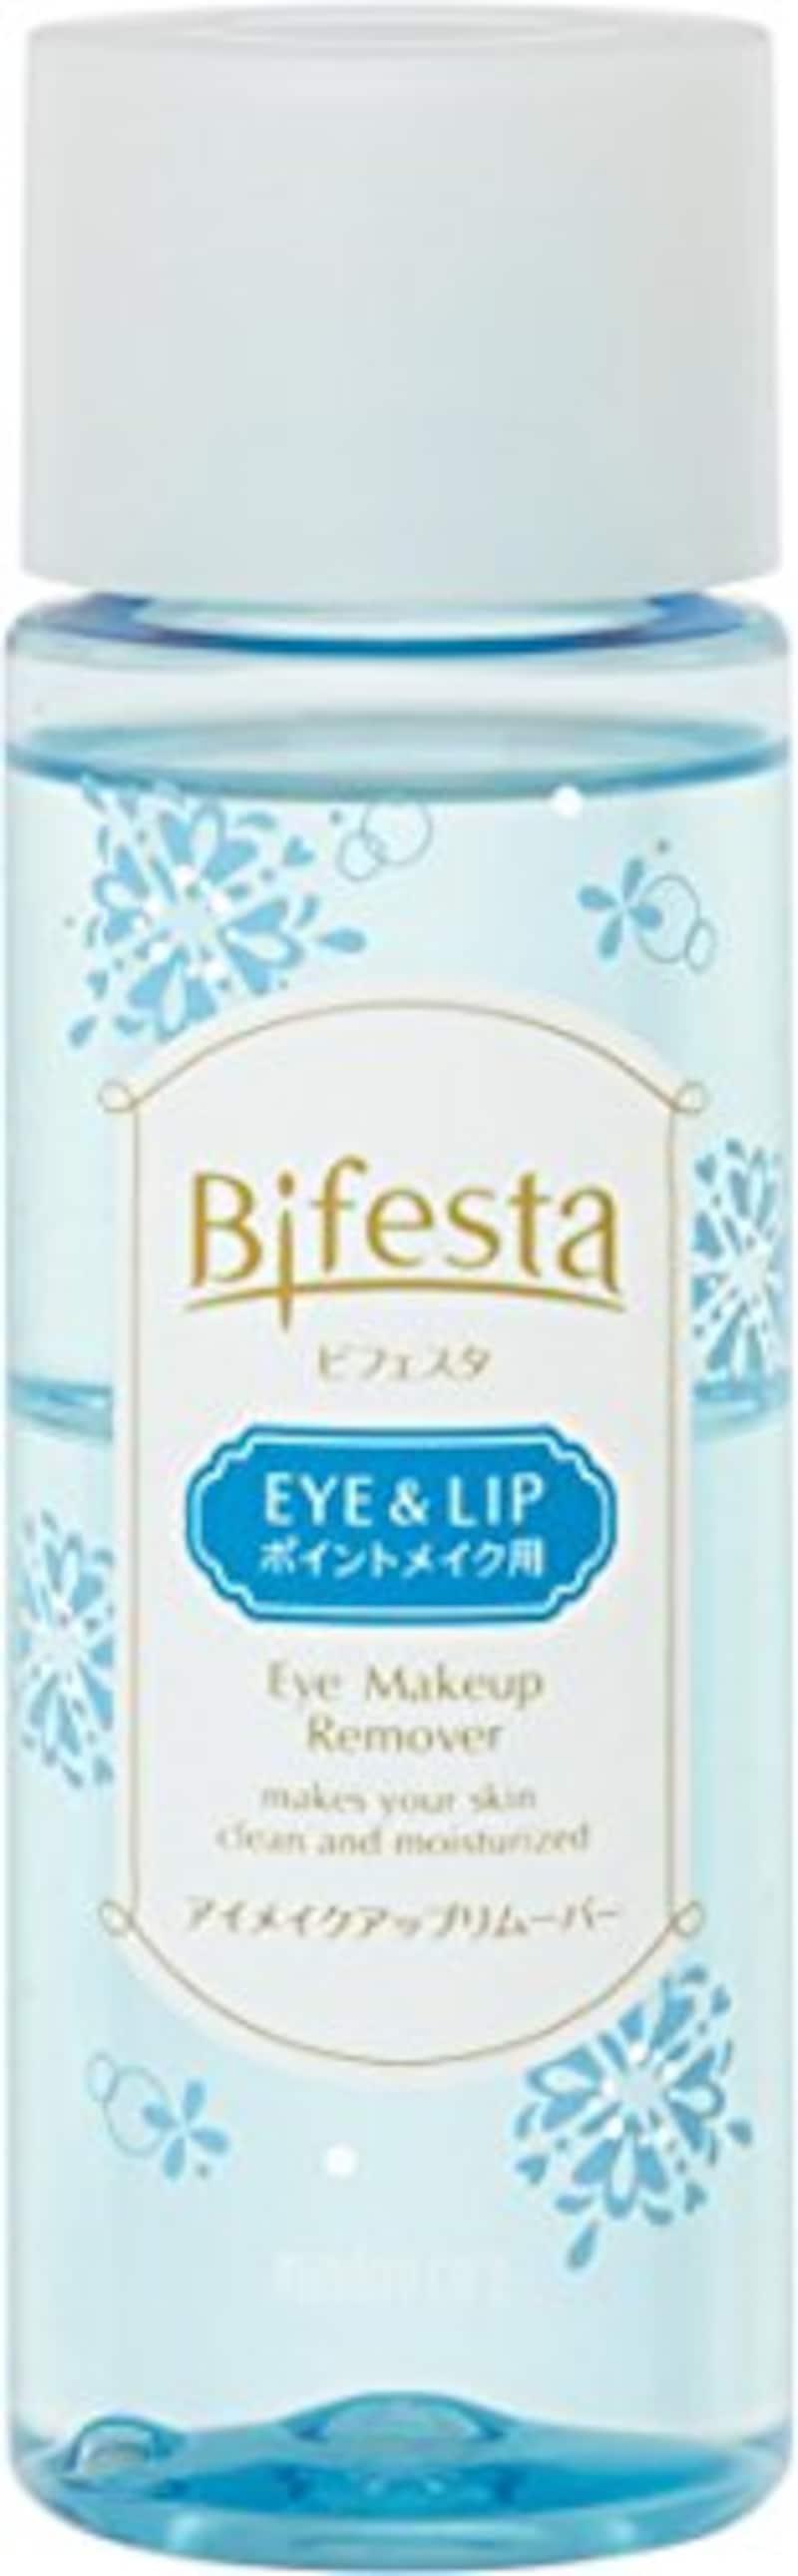 Bifesta (ビフェスタ) ,うる落ち水クレンジングアイメークアップリムーバー